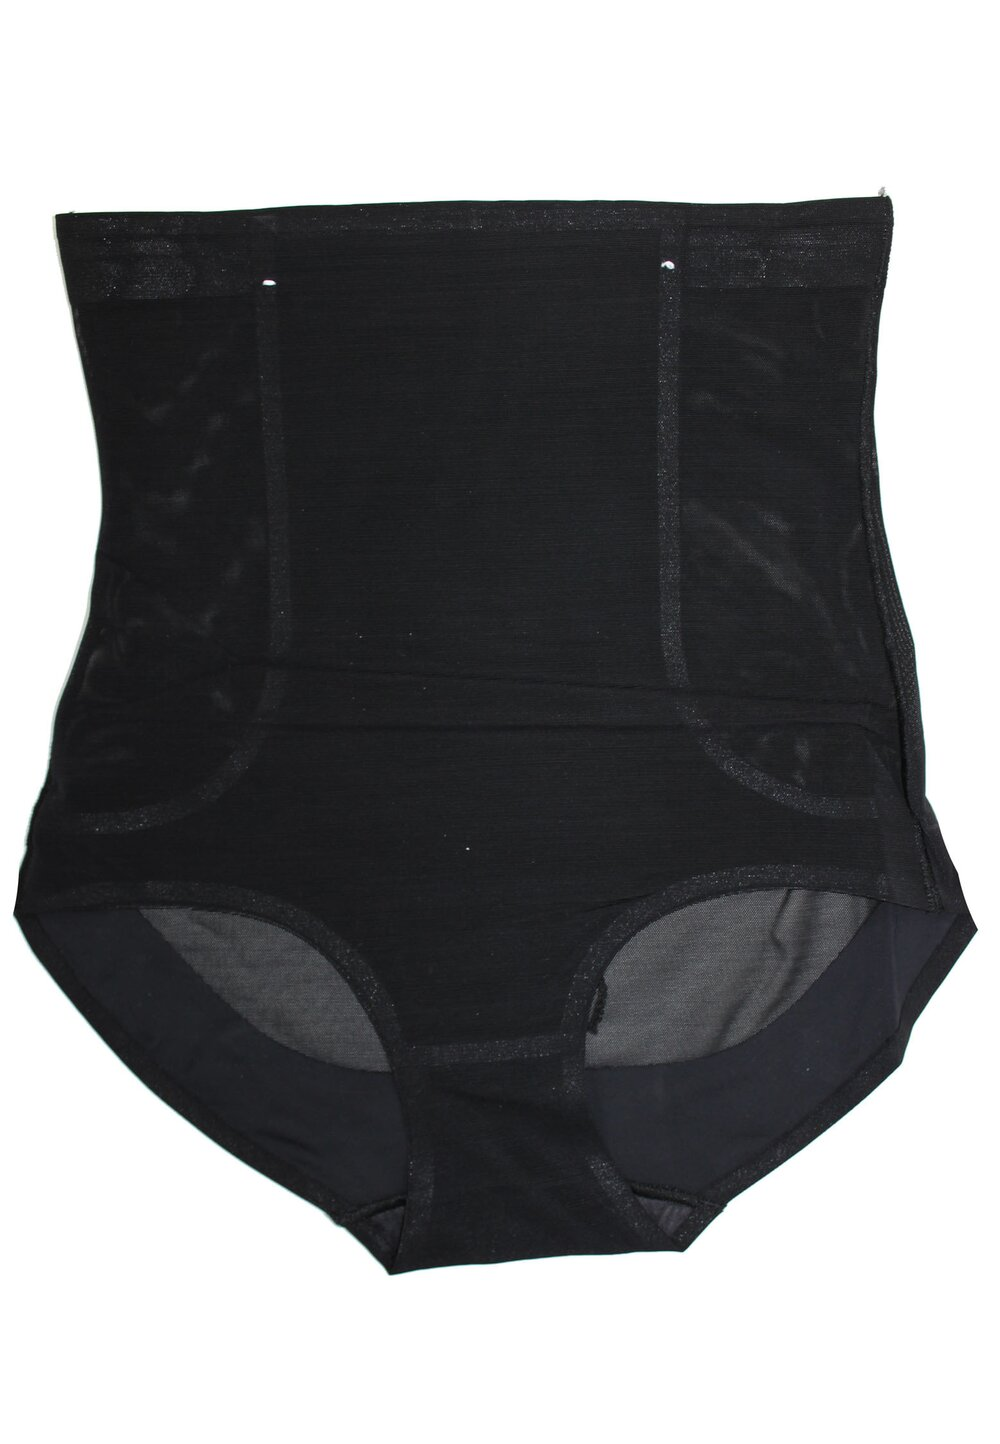 Chilot modelator cu talie inalta, Rose, negru imagine